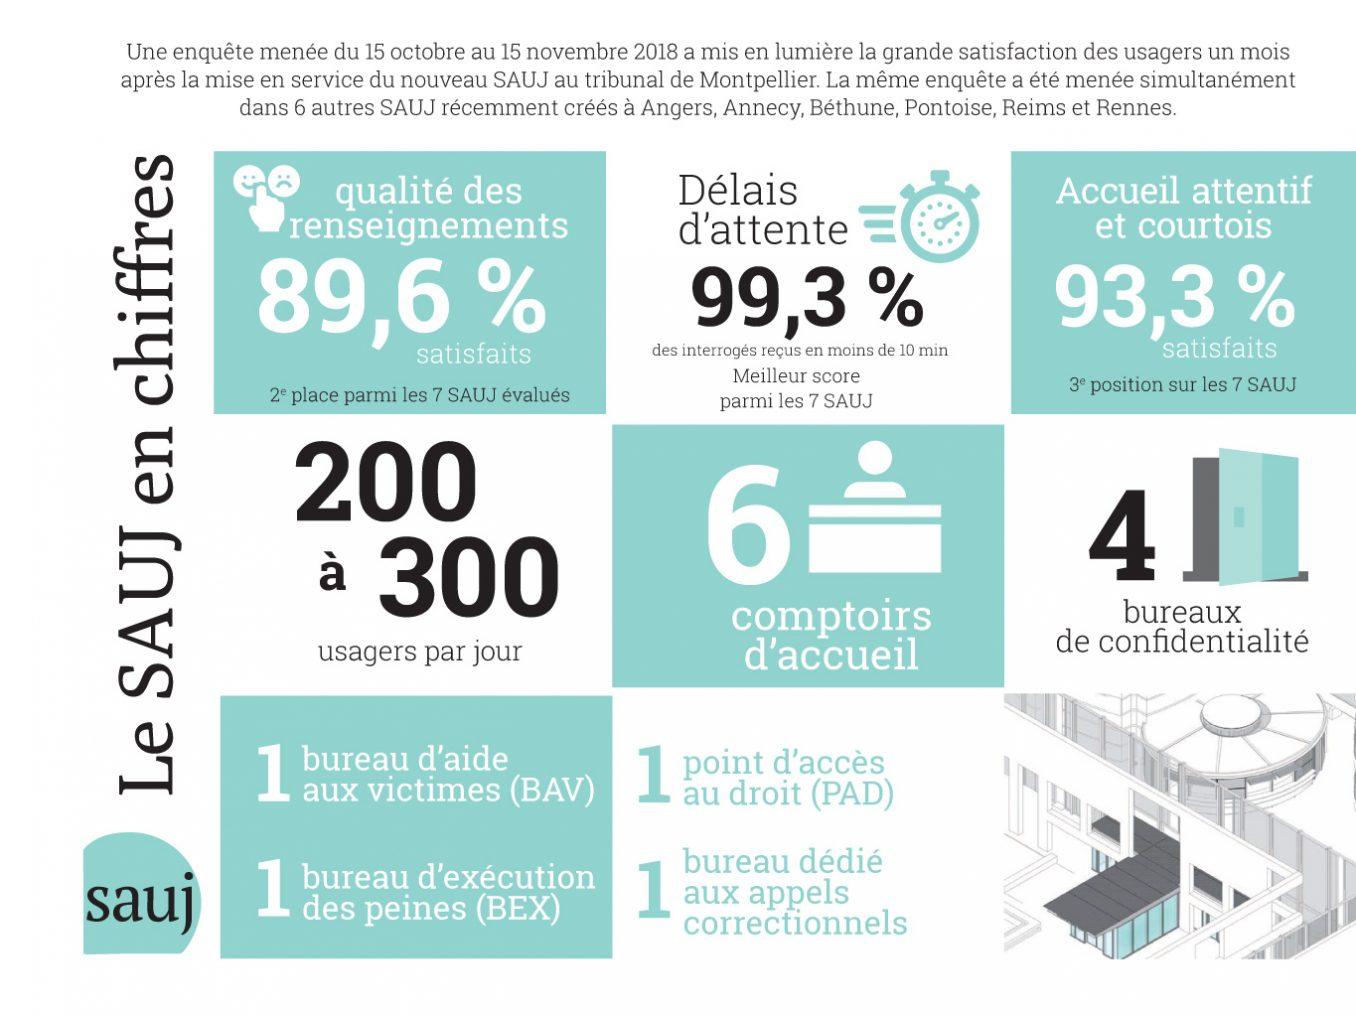 Traverses - plaquette SAUJ du tribunal Montpellier - pages 14-15